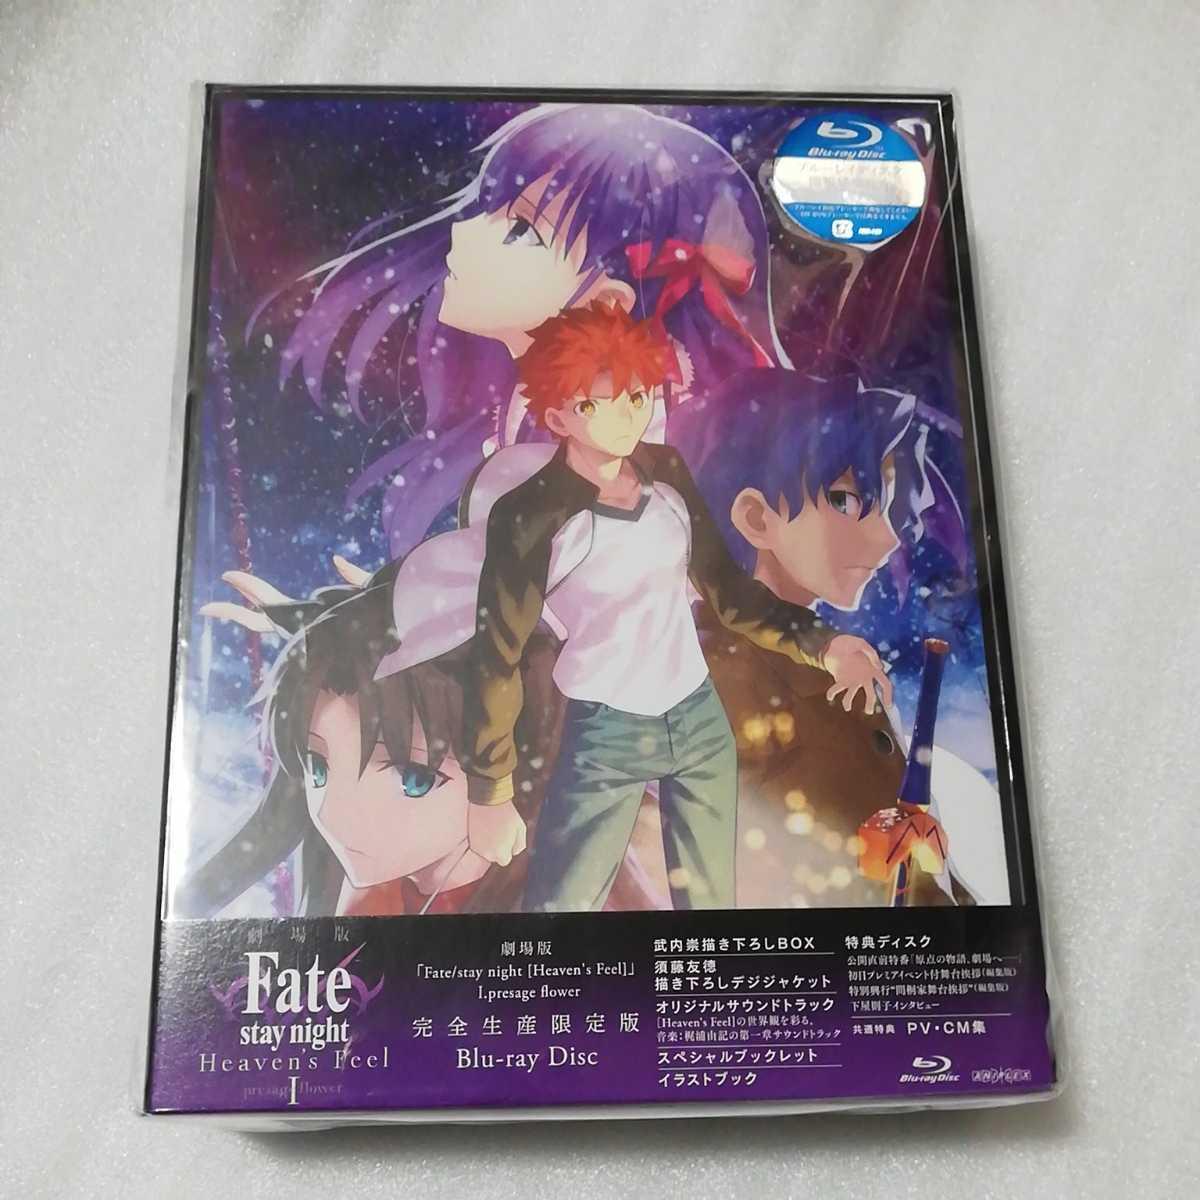 新品 劇場版 Fate/stay night Heaven's Feel Ⅰ presage flower 第1章 Blu-ray 完全生産限定版 フェイト ブルーレイ 映画 未開封